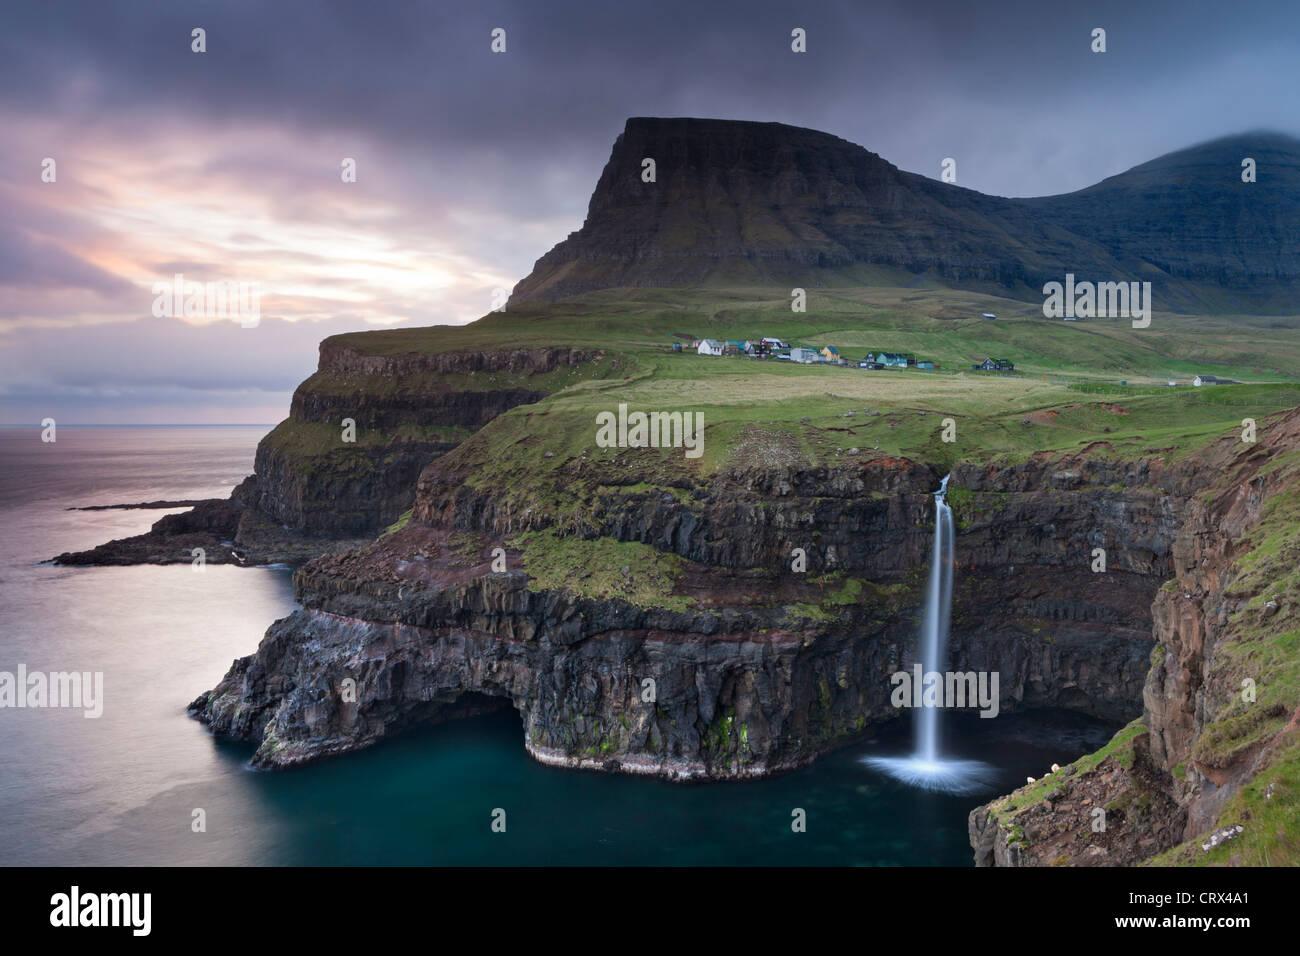 Drammatico paesaggio costiero a Gasadalur sull isola di funzionario ministeriale, Isole Faerøer. Molla (Maggio Immagini Stock